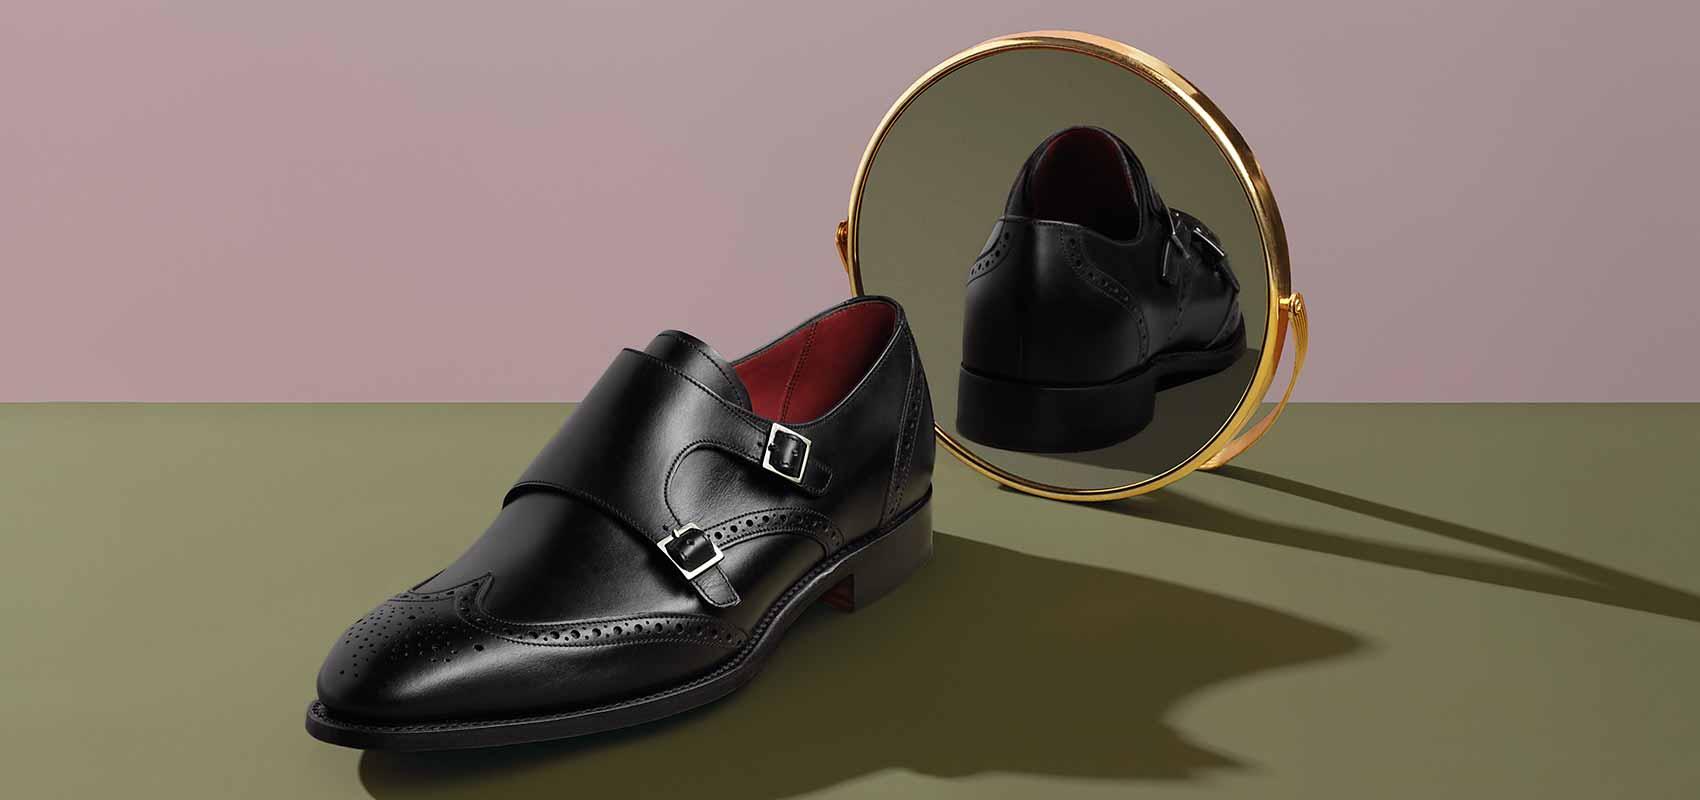 Charles Tyrwhitt monk shoes